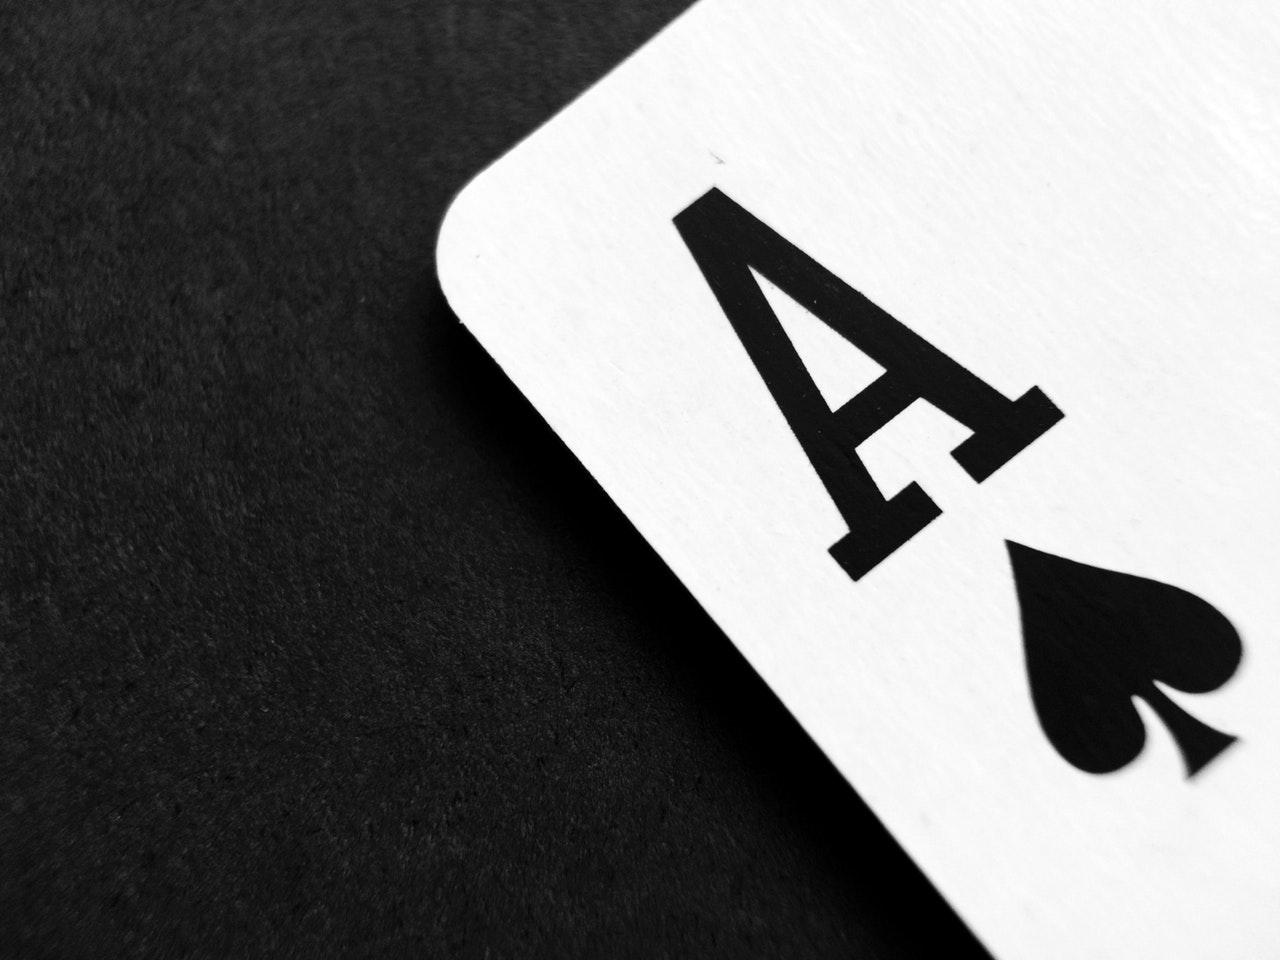 Betus poker